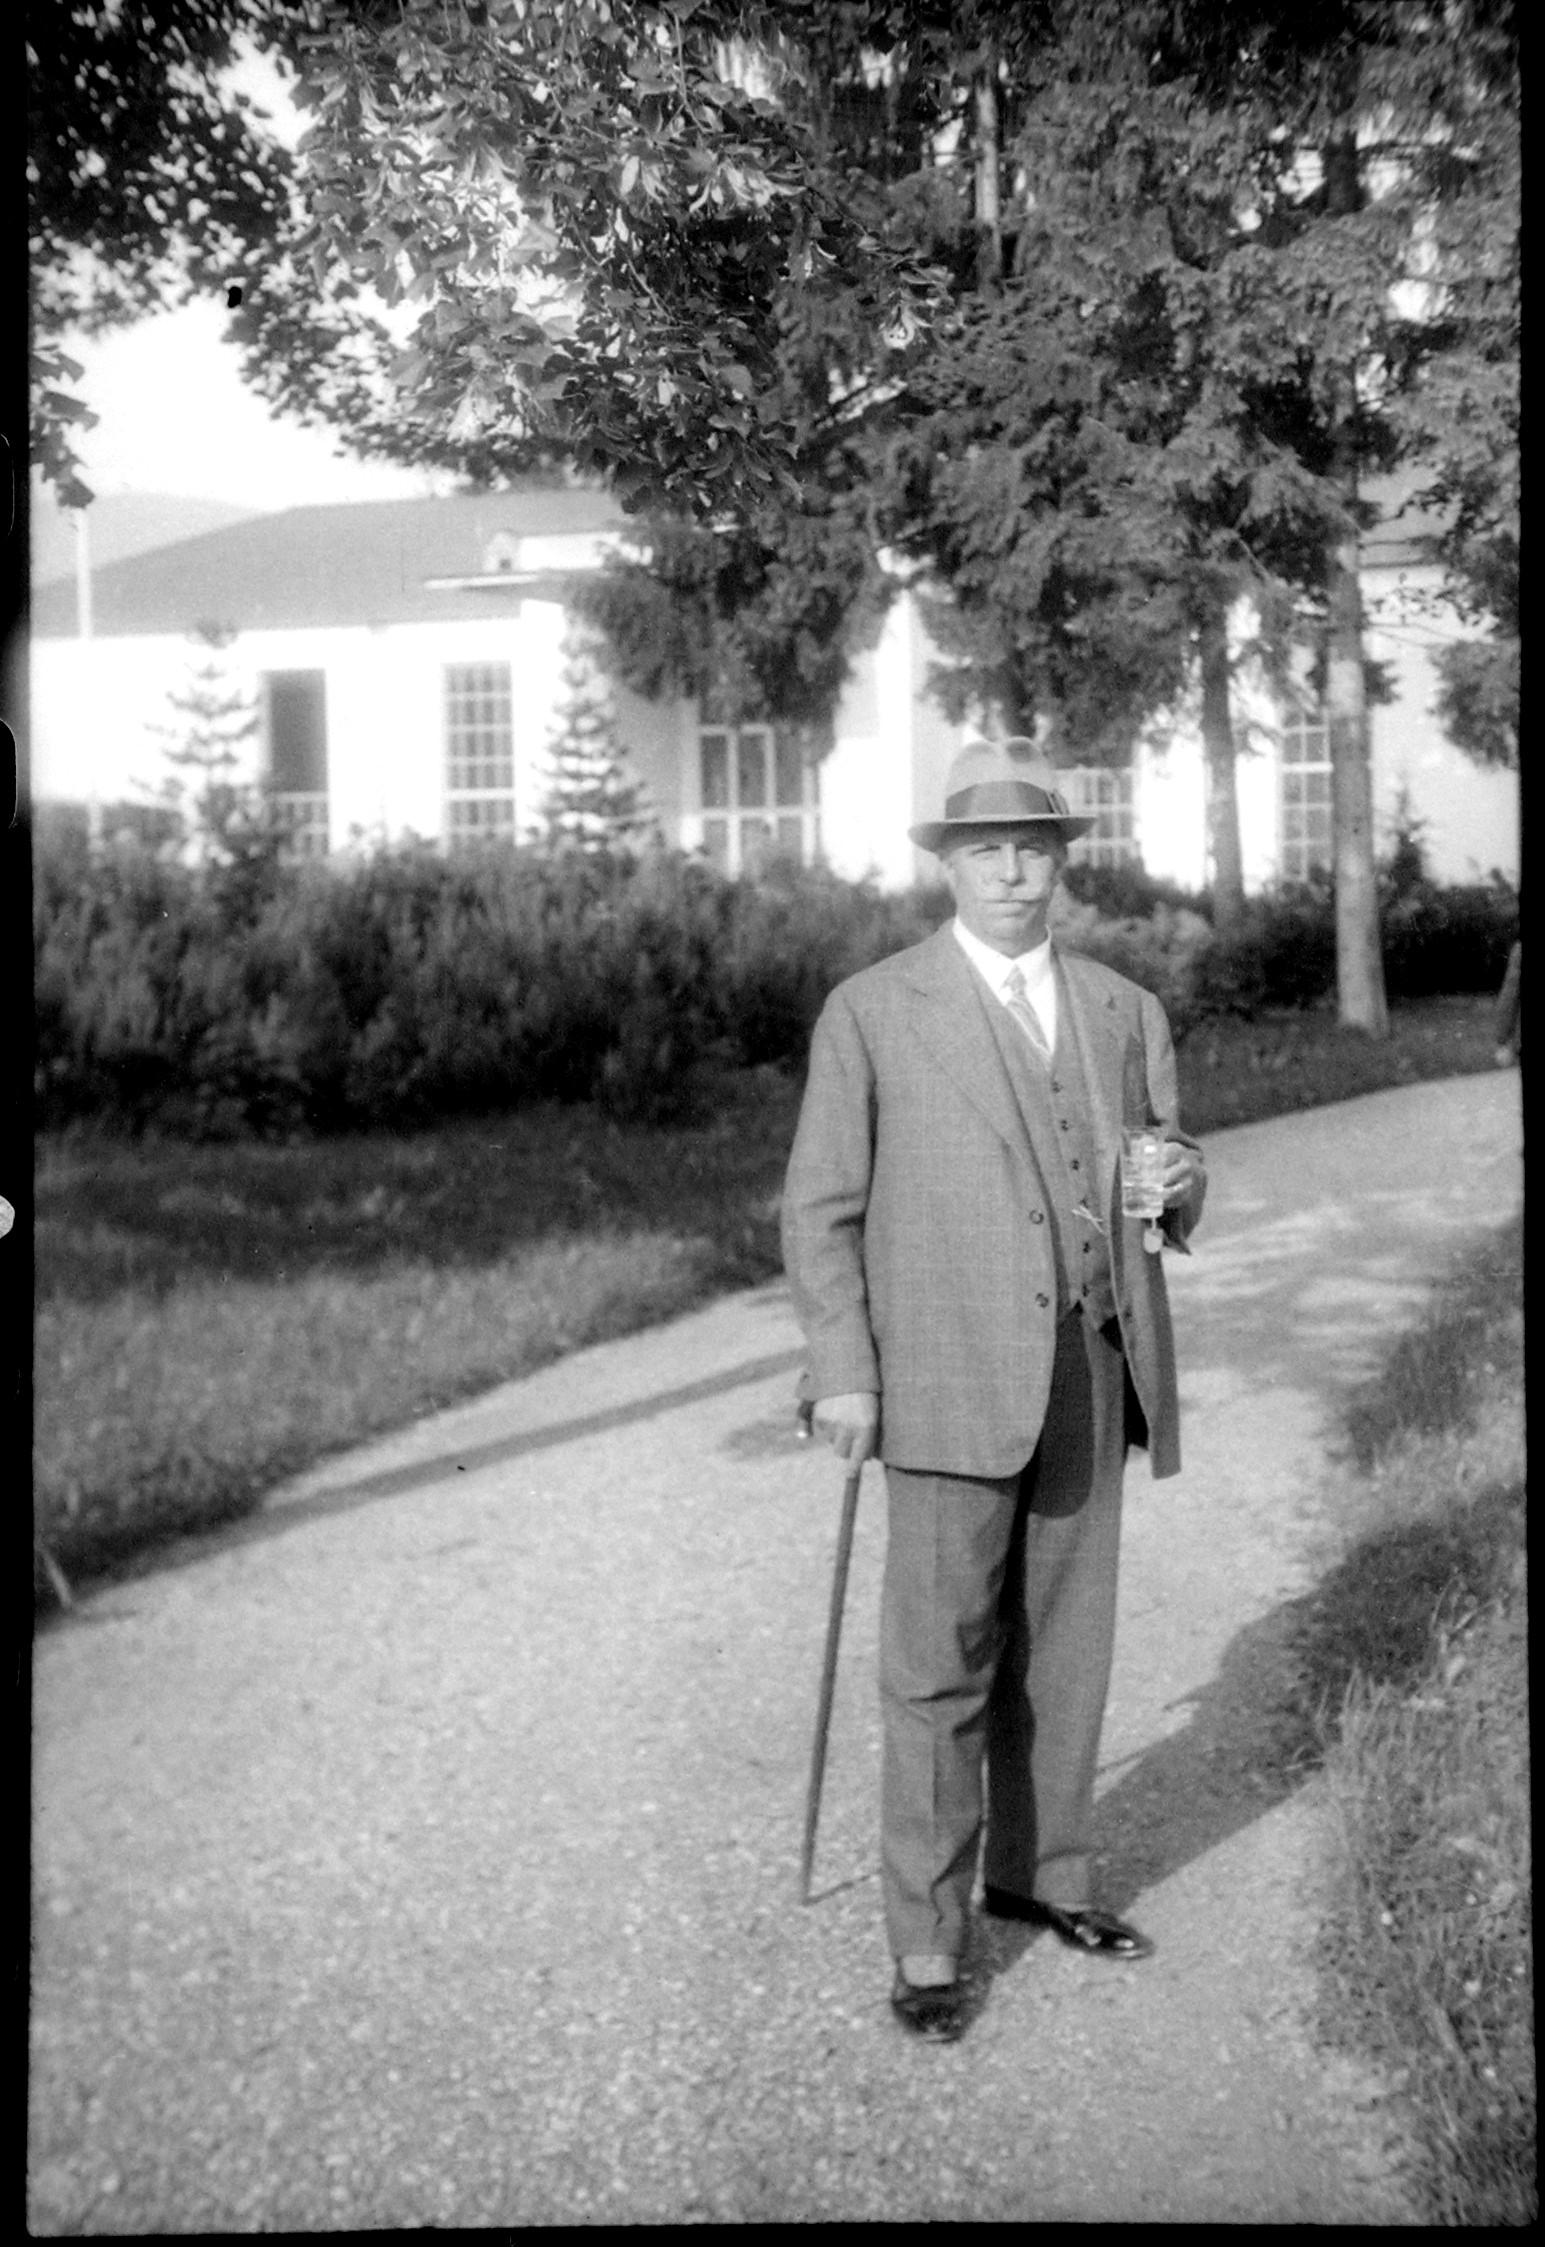 Kurgast im Park der neuen Wandelhalle (Marey, nach 1930)